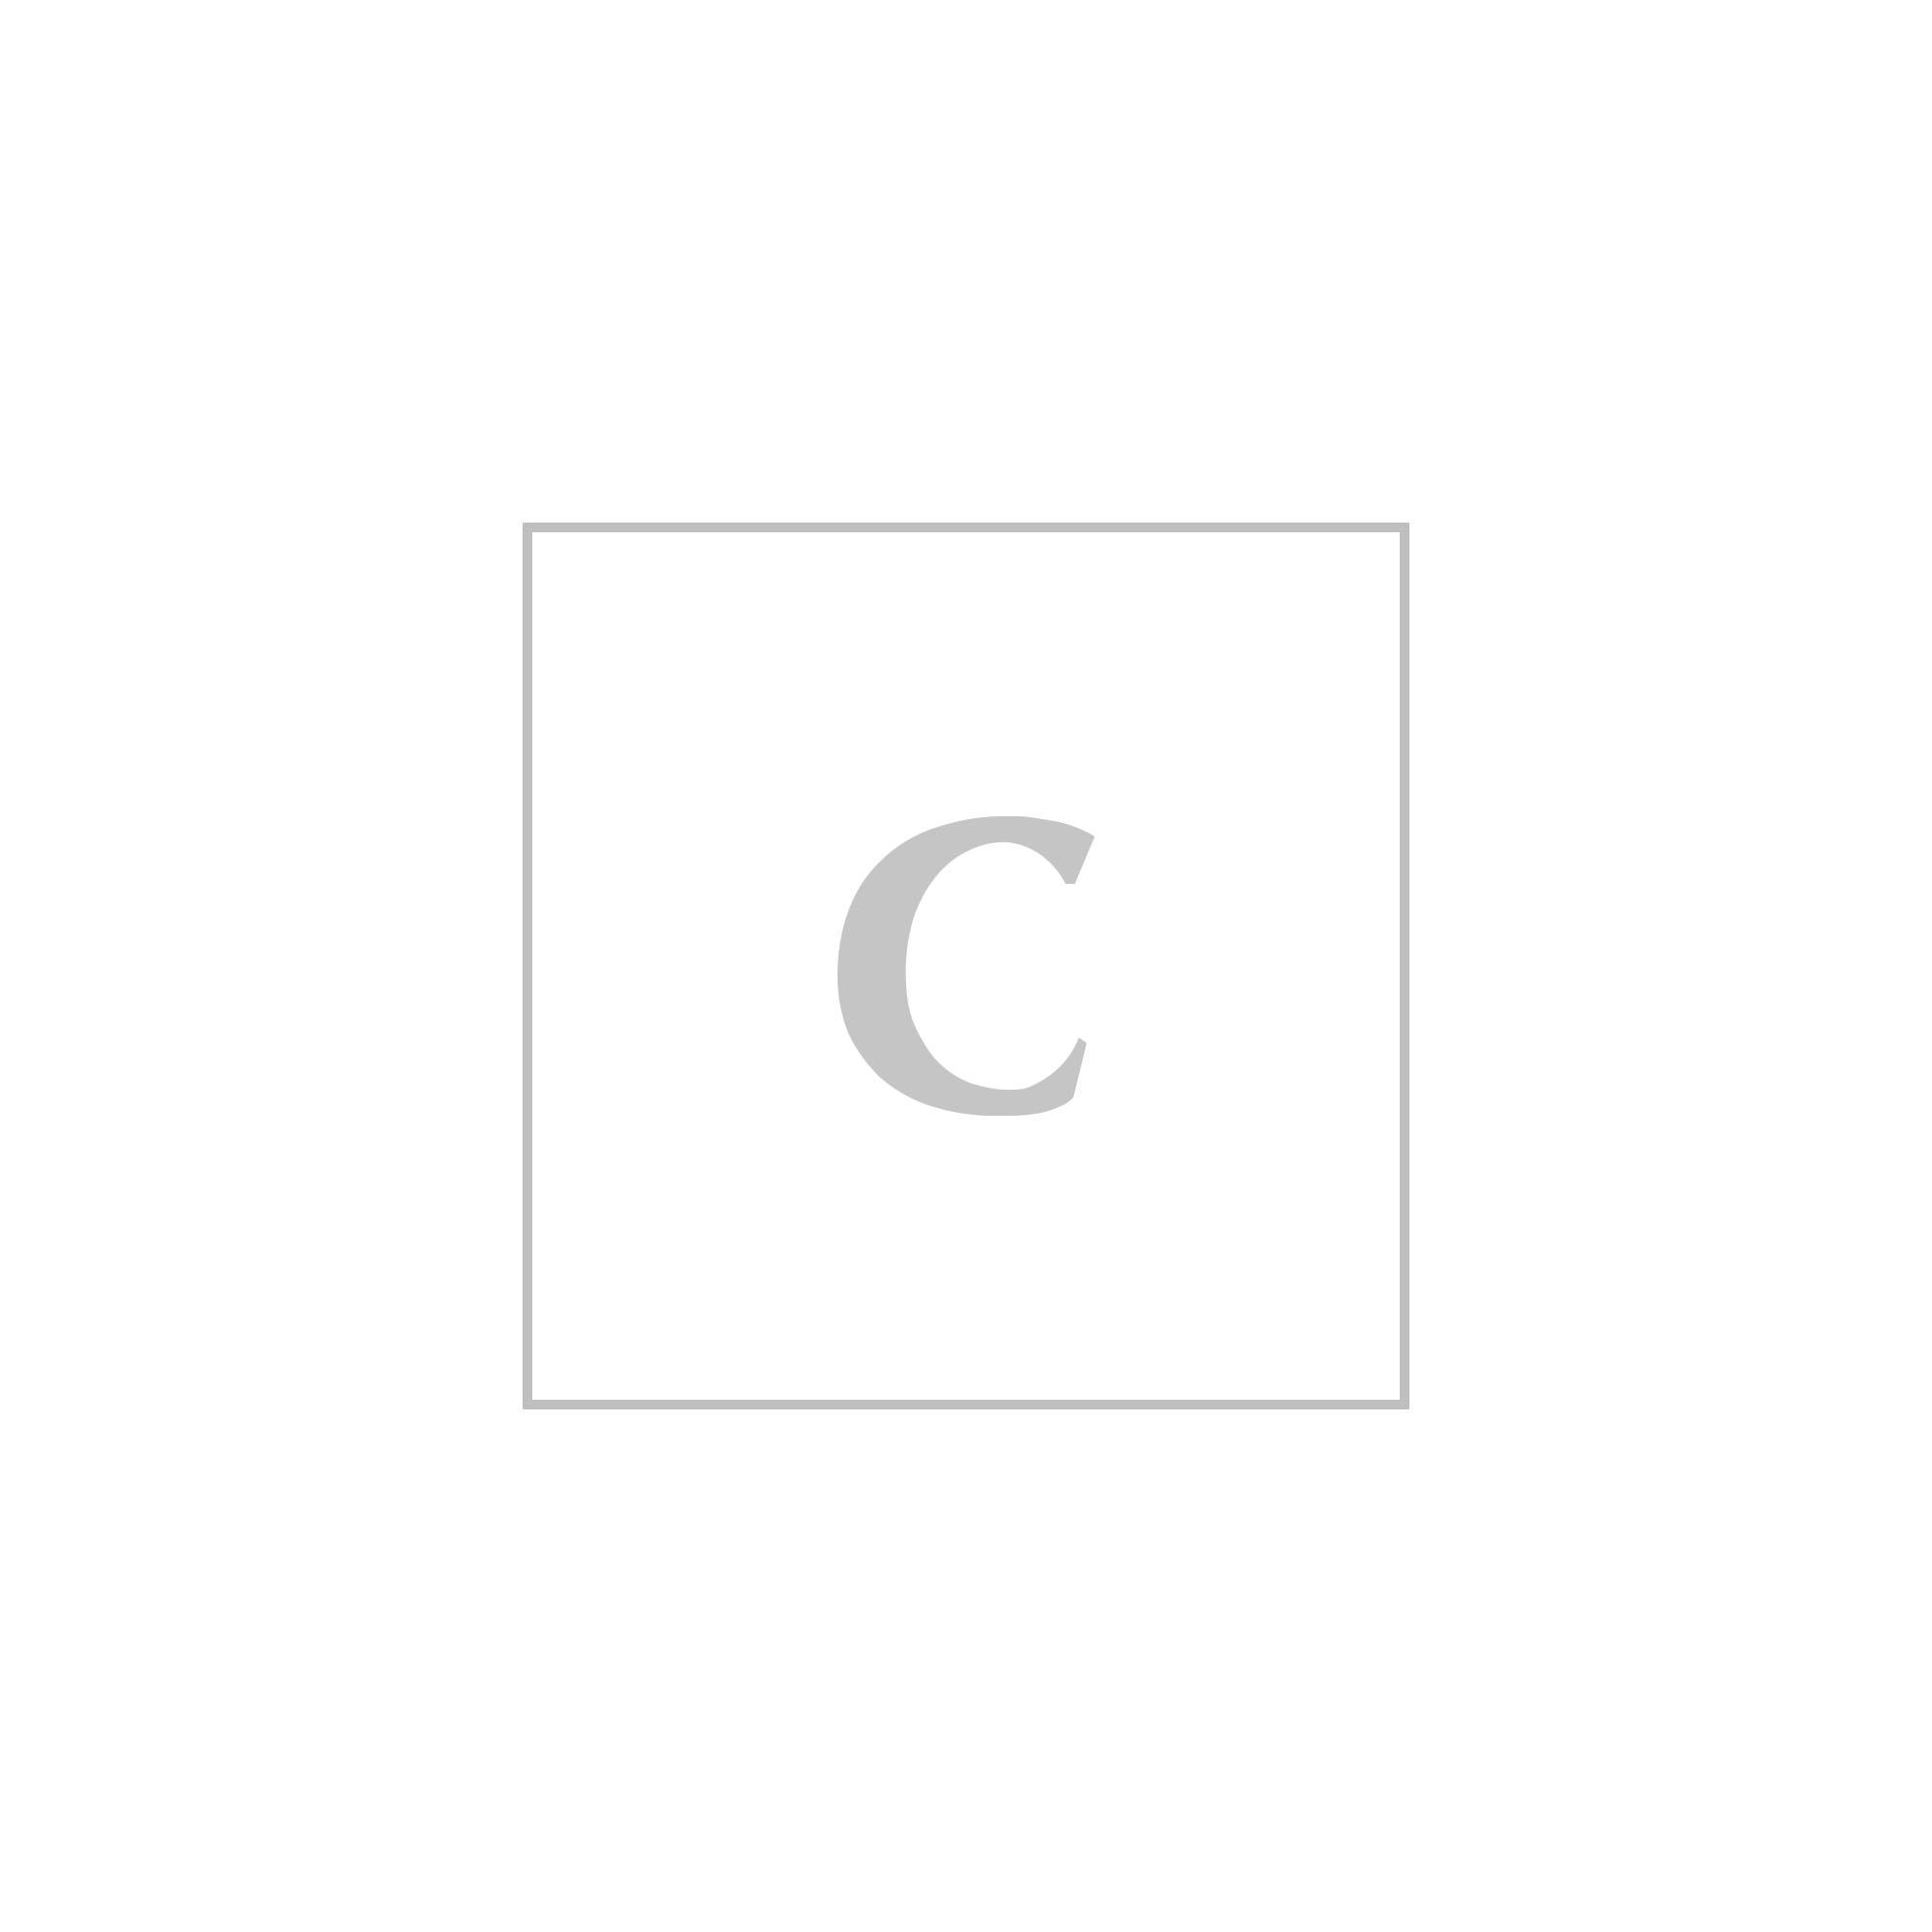 Dolce & gabbana dauphine calfskin sicily bag